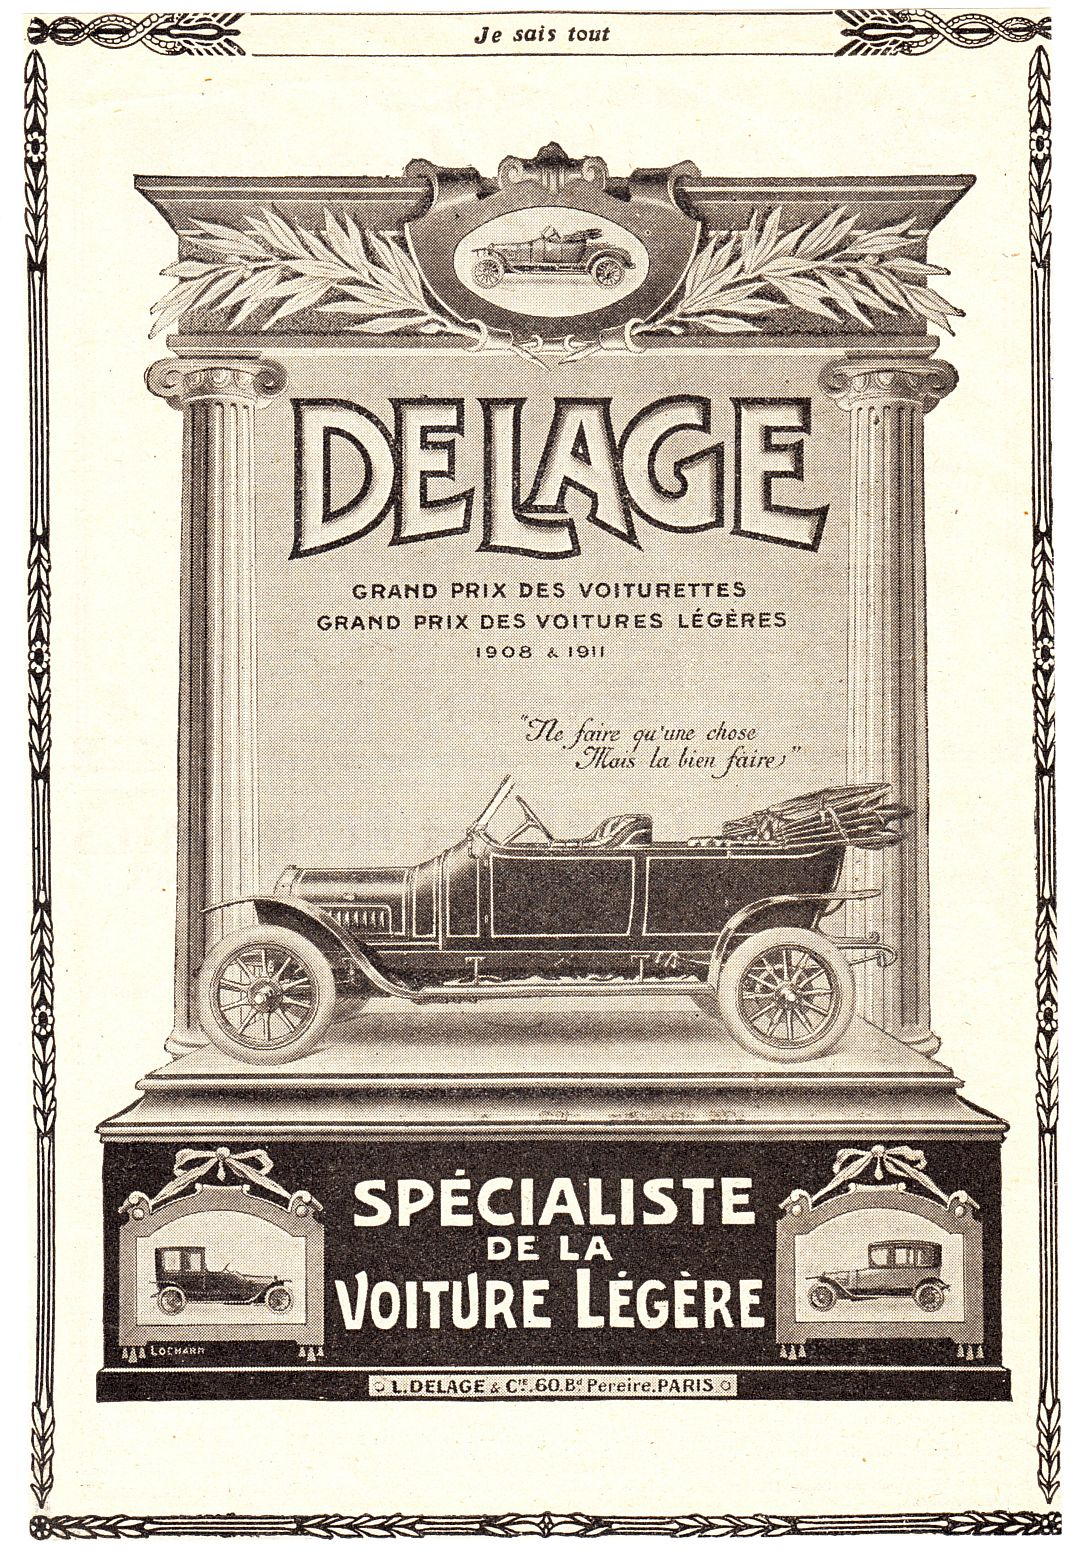 delage_reklame_um_1912_galerie